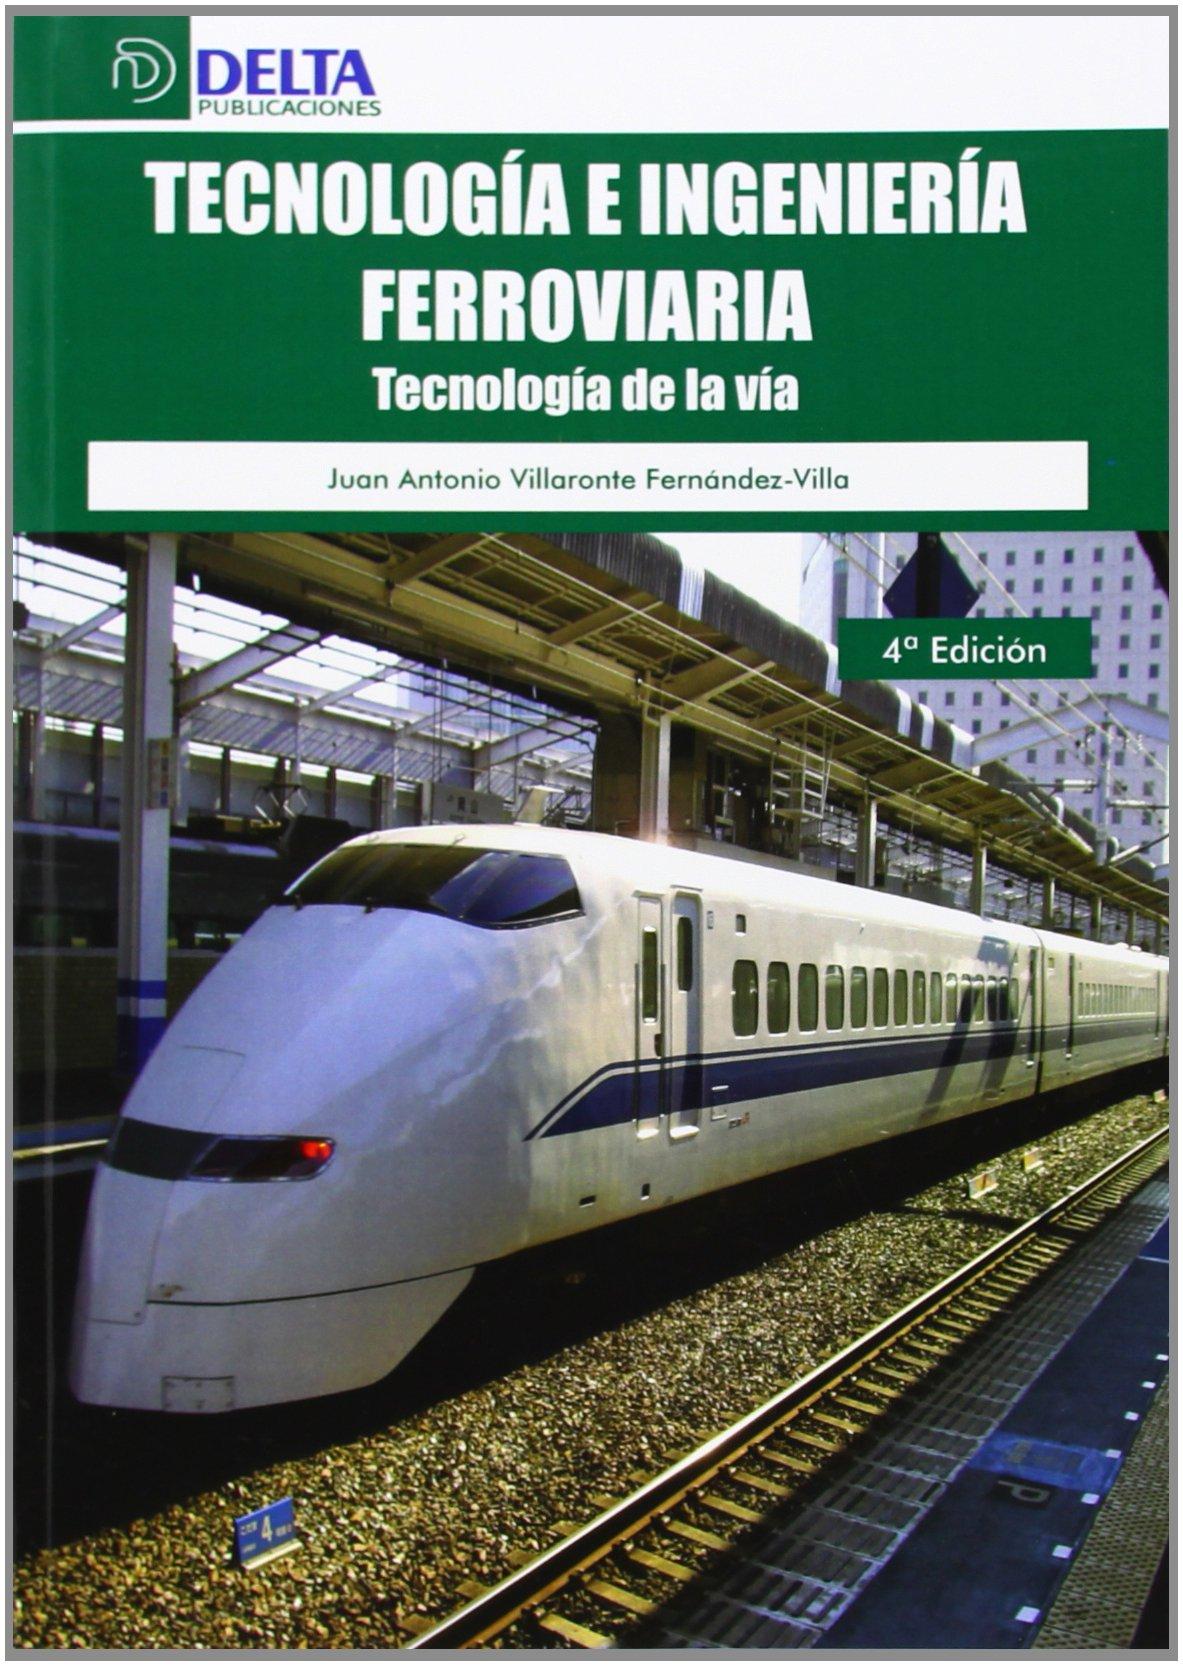 Tecnología de la vía ferroviaria